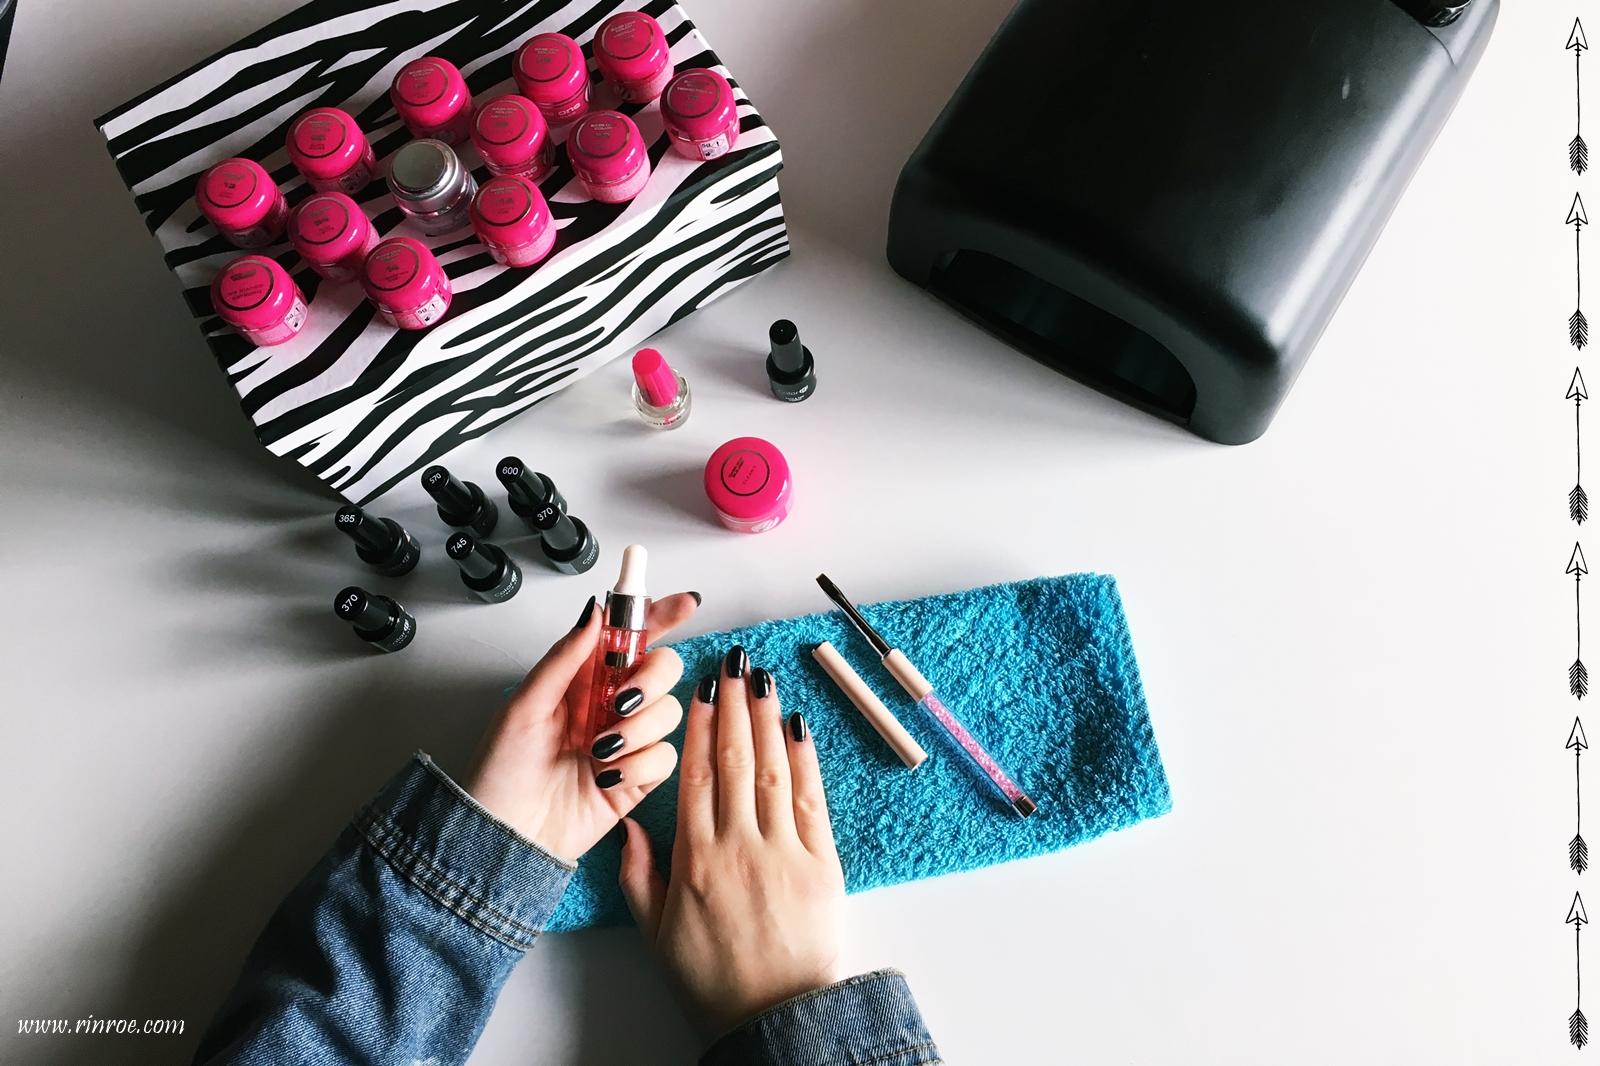 paznokcie hybrydowe czy paznokcie żelowe